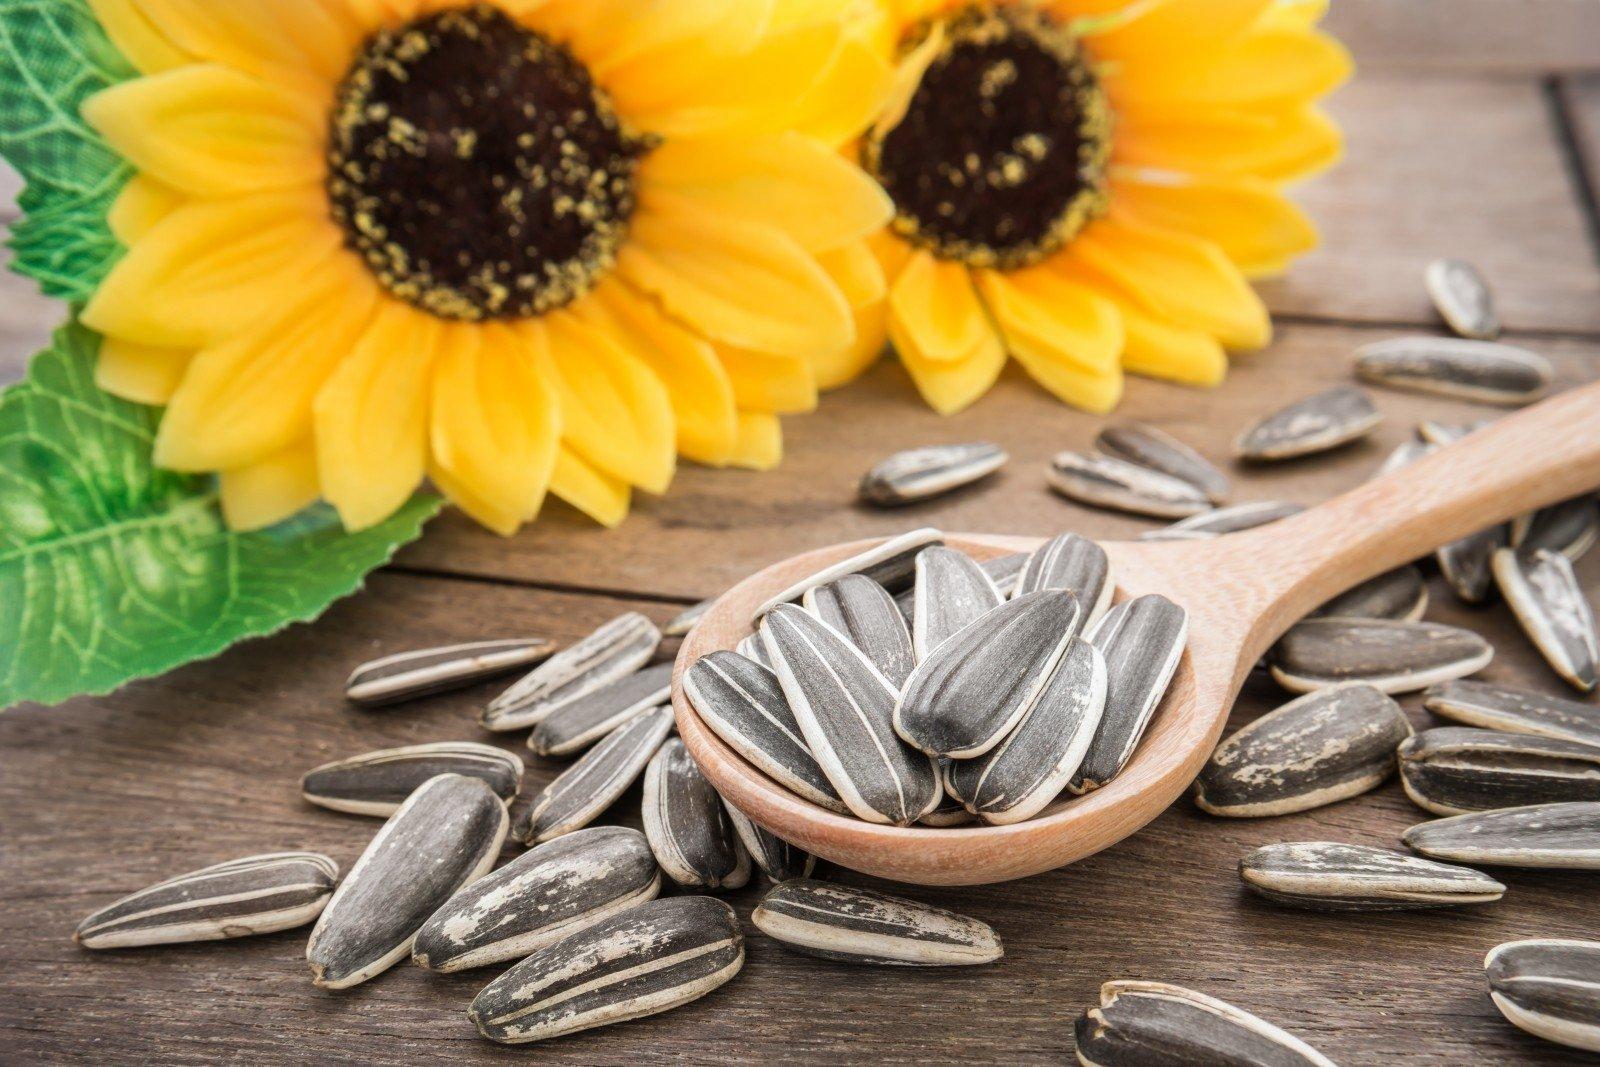 Saulėgrąžų sėklų nuėmimas hipertenzijai: ar tai tikrai veikia? - Receptai November